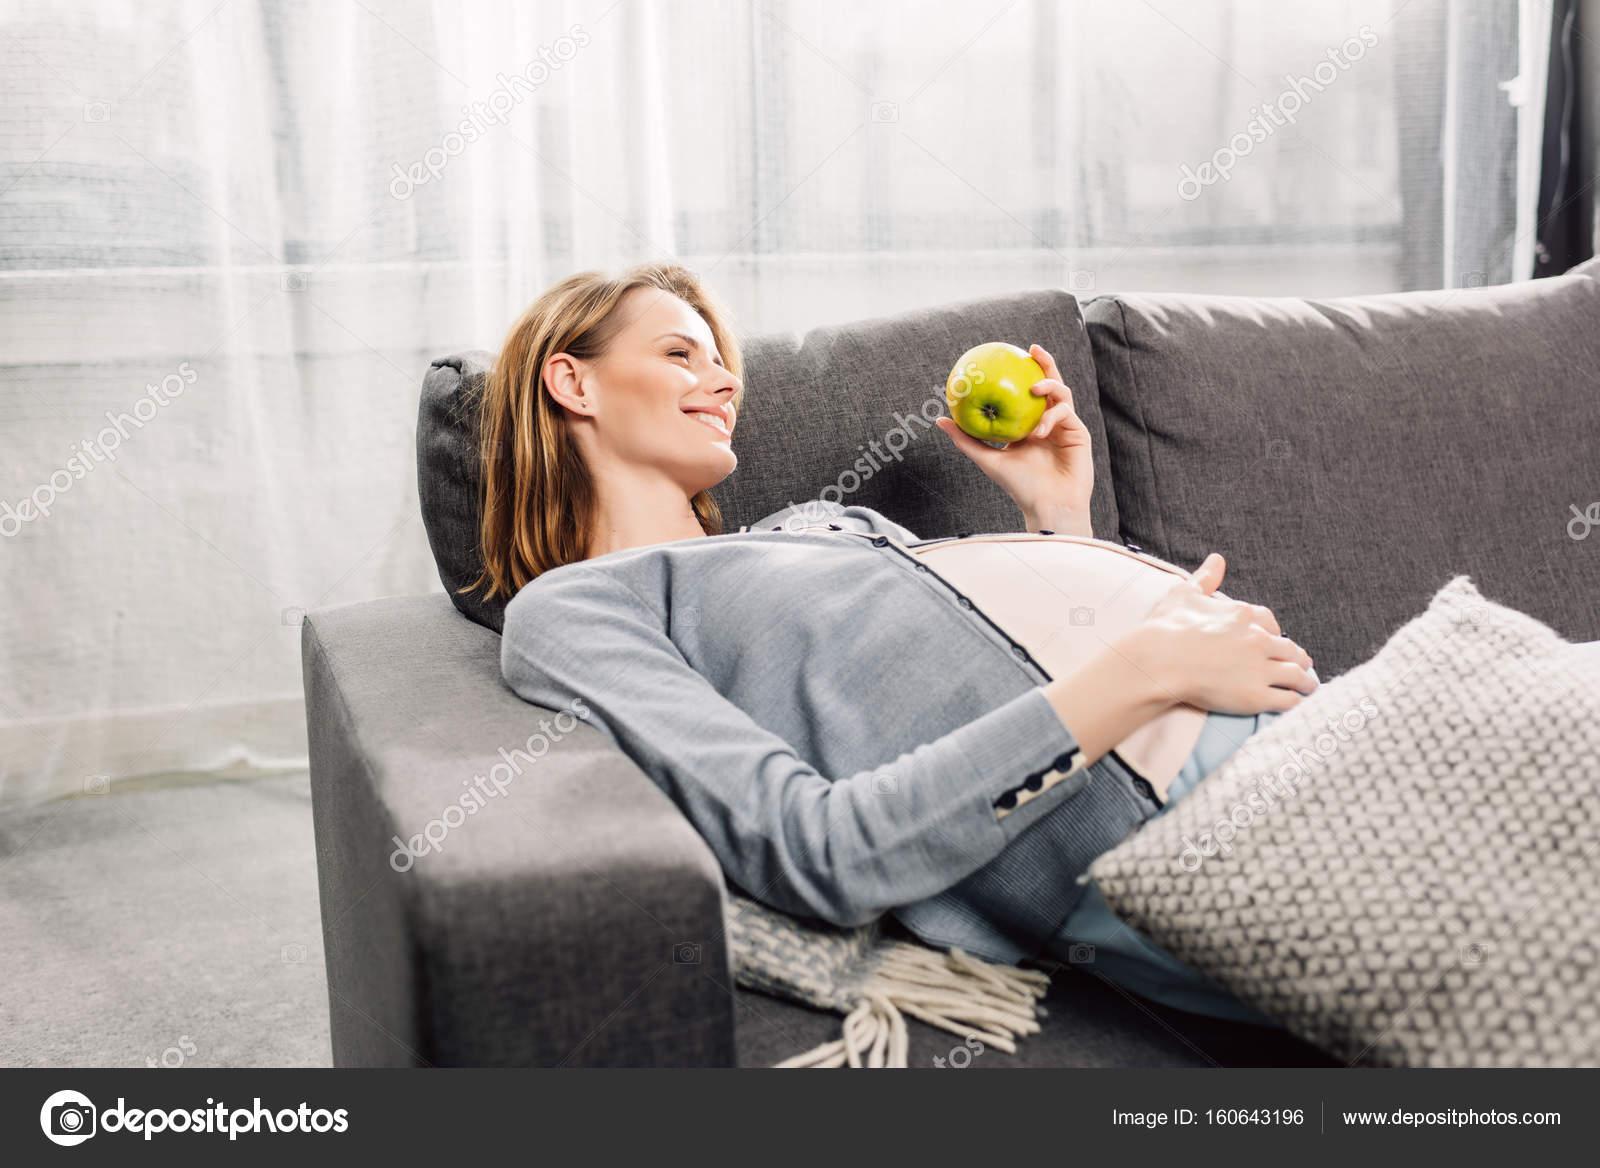 έγκυος γυναίκα στηρίζεται σε γκρι καναπέ — Φωτογραφία Αρχείου ... b3393d1fe07